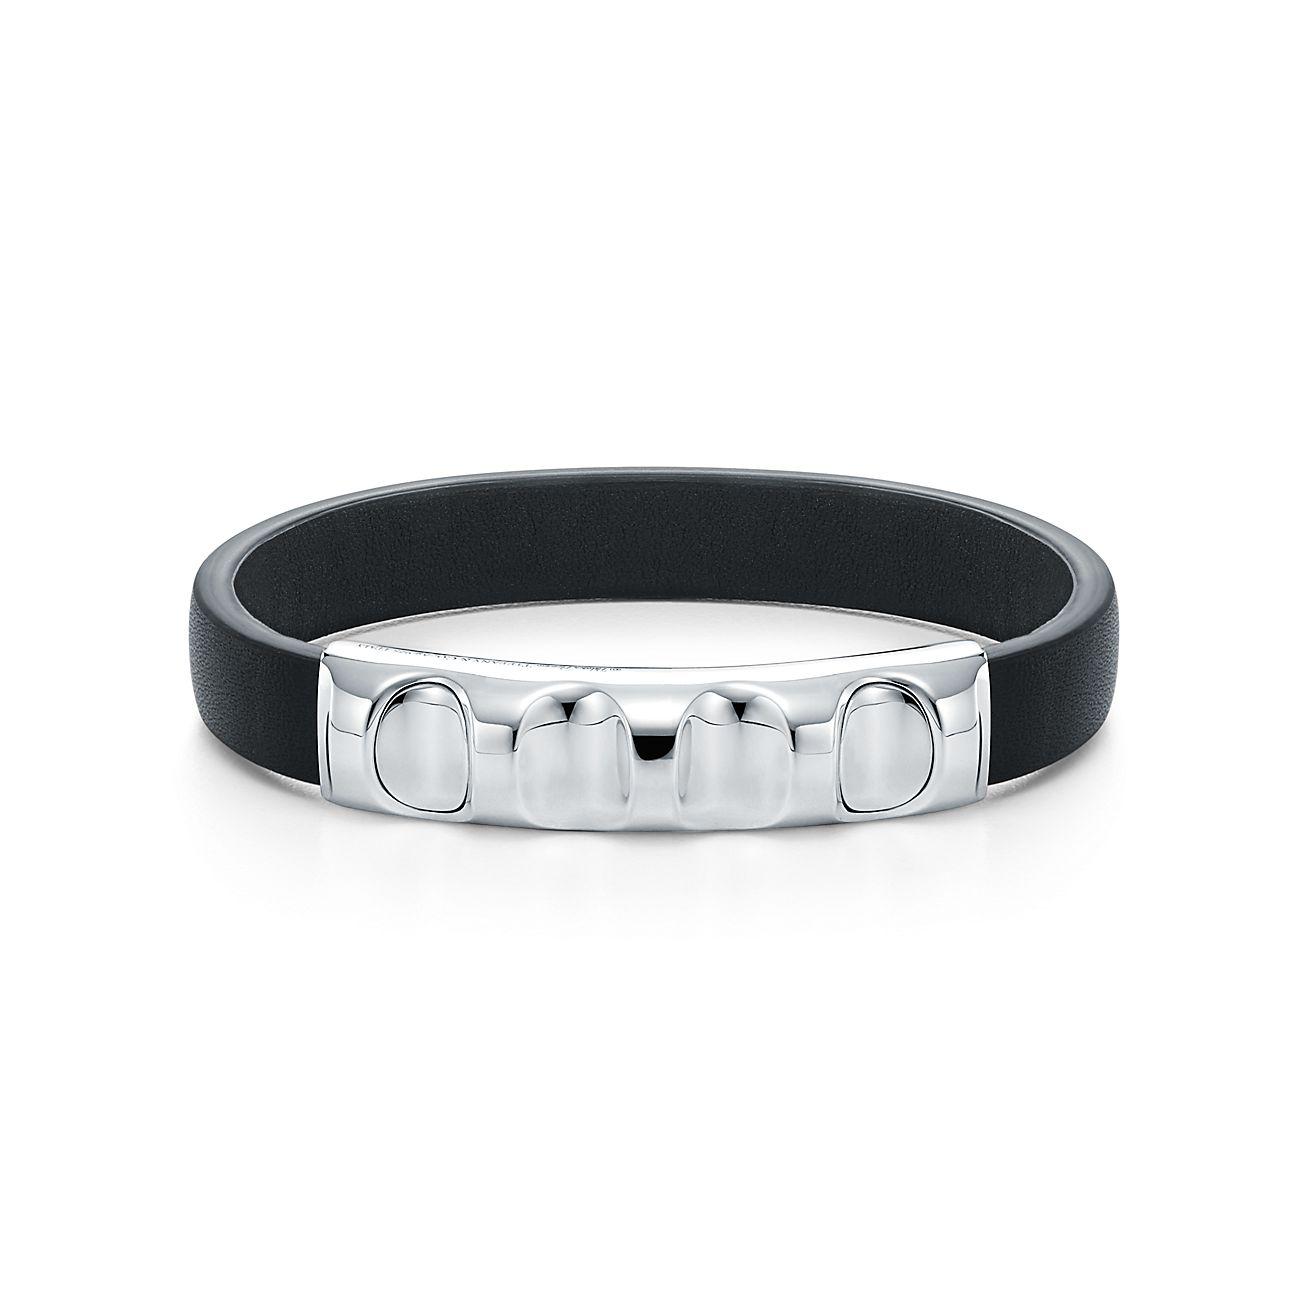 Interchangeable Leather Bracelet